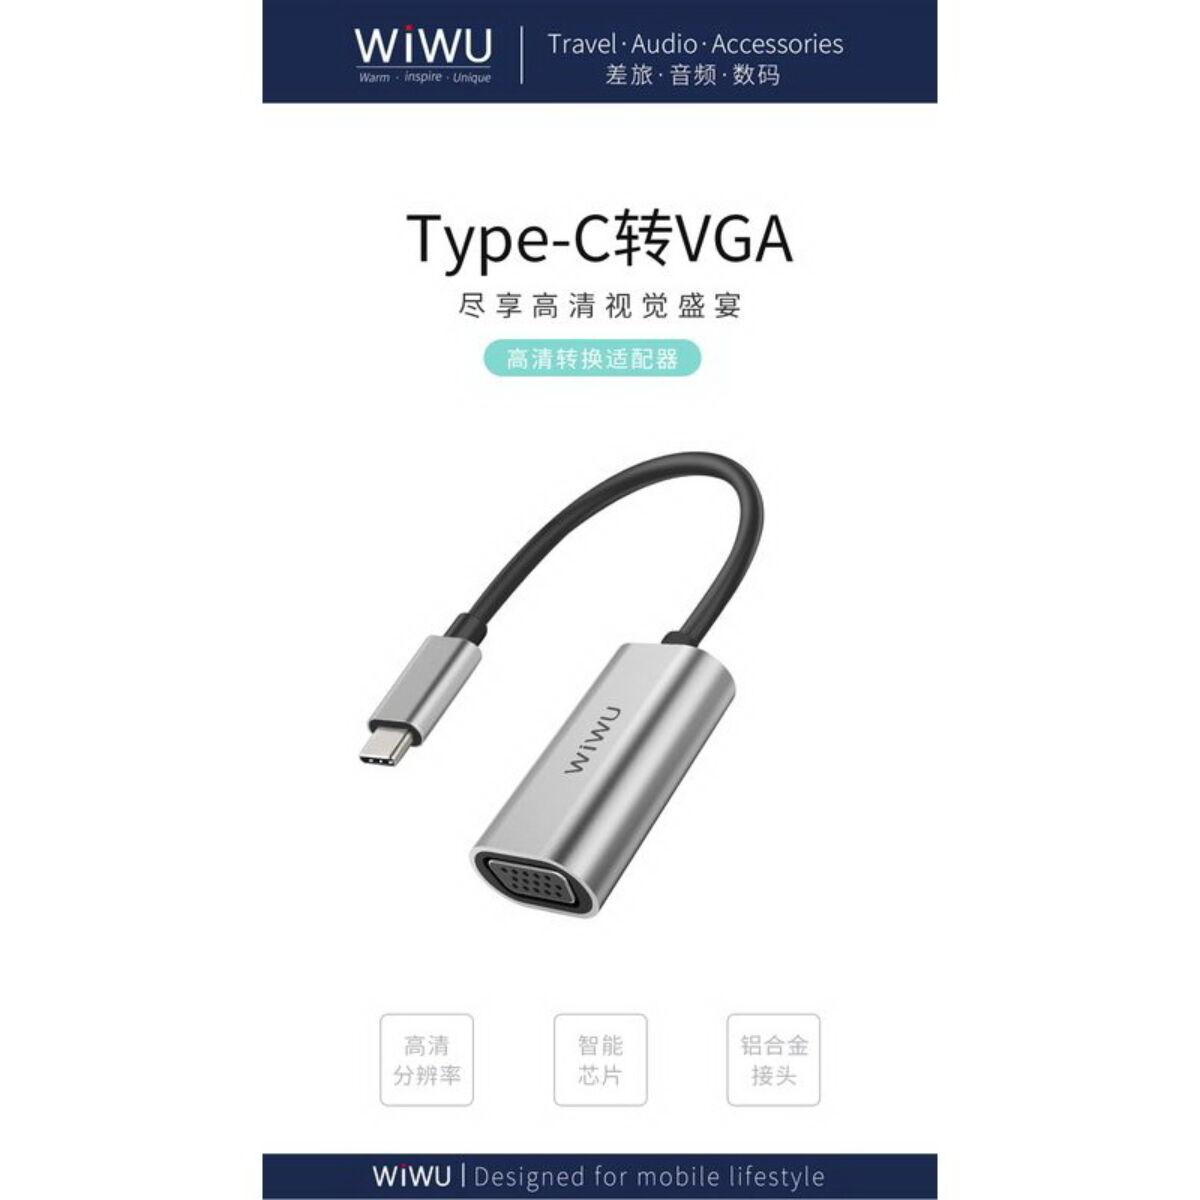 WiWU átalakító, Alpha Type-C - VGA adapter, 60 Hz frissitési frekvenciás monitorhoz, szürke